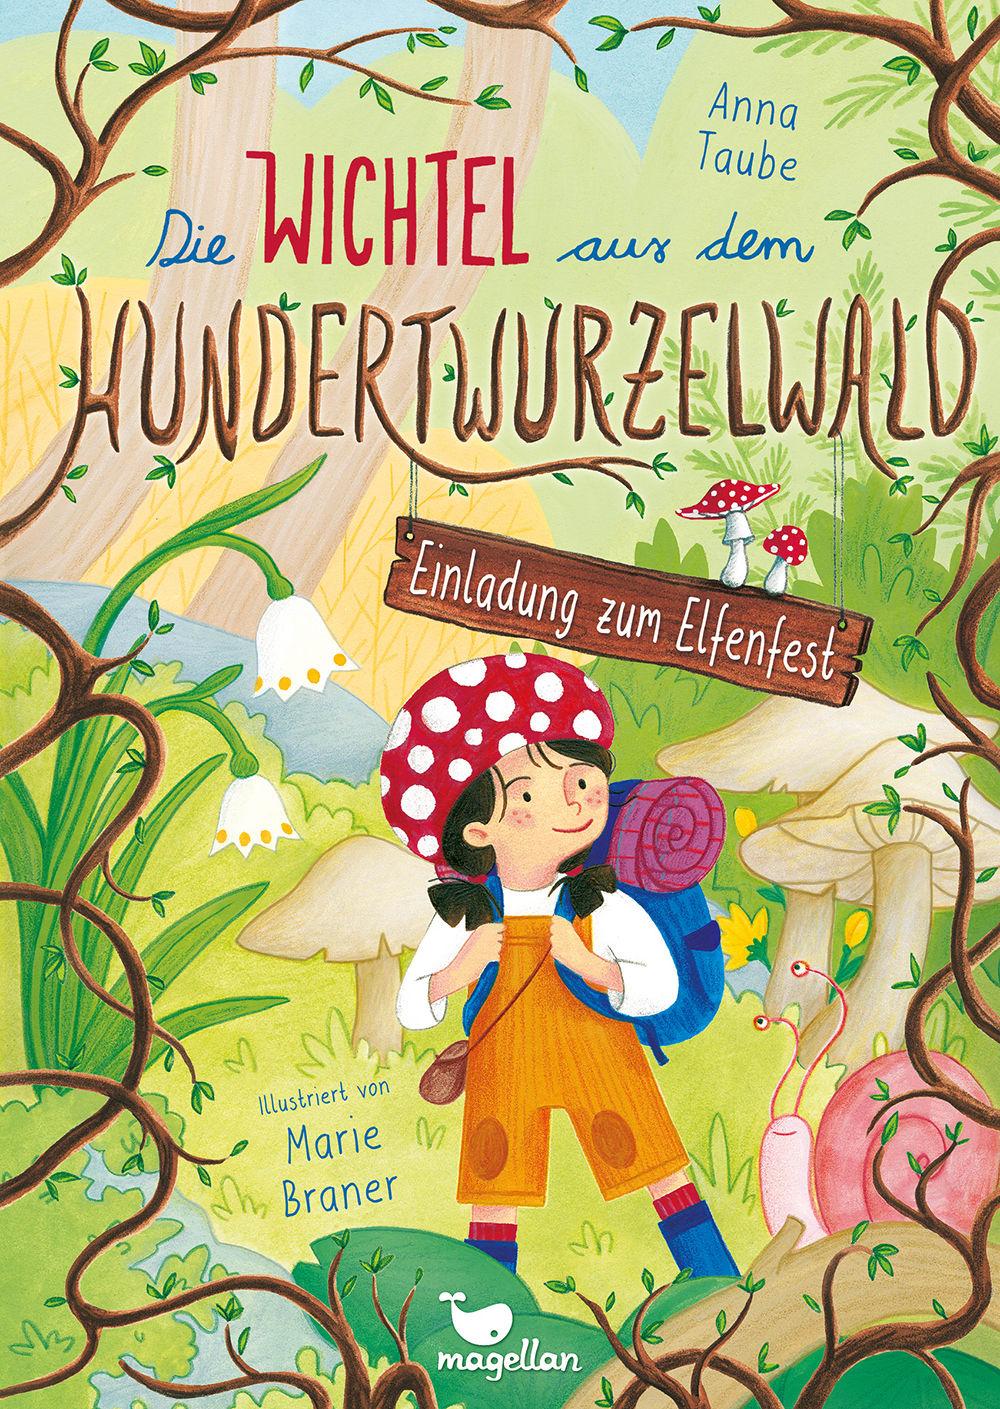 Cover Hundertwurzelwald Band1 Einladung zum Elfenfest Vorlesebuch von Anna Taube und Marie Braner